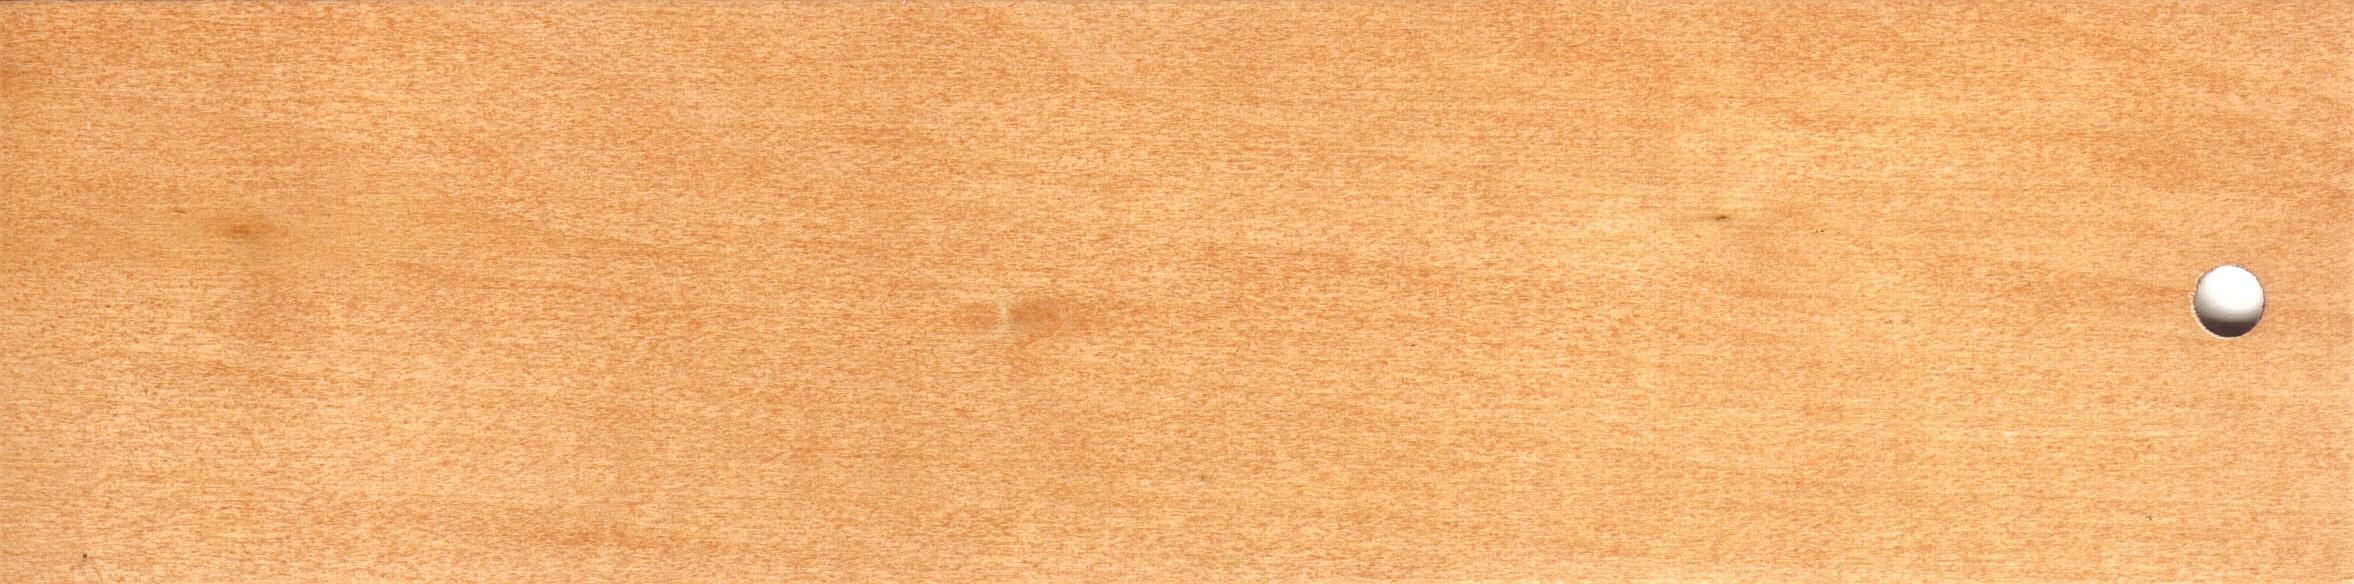 8121 50 mm ŻALUZJE DREWNIANE (żaluzje bambusowe)